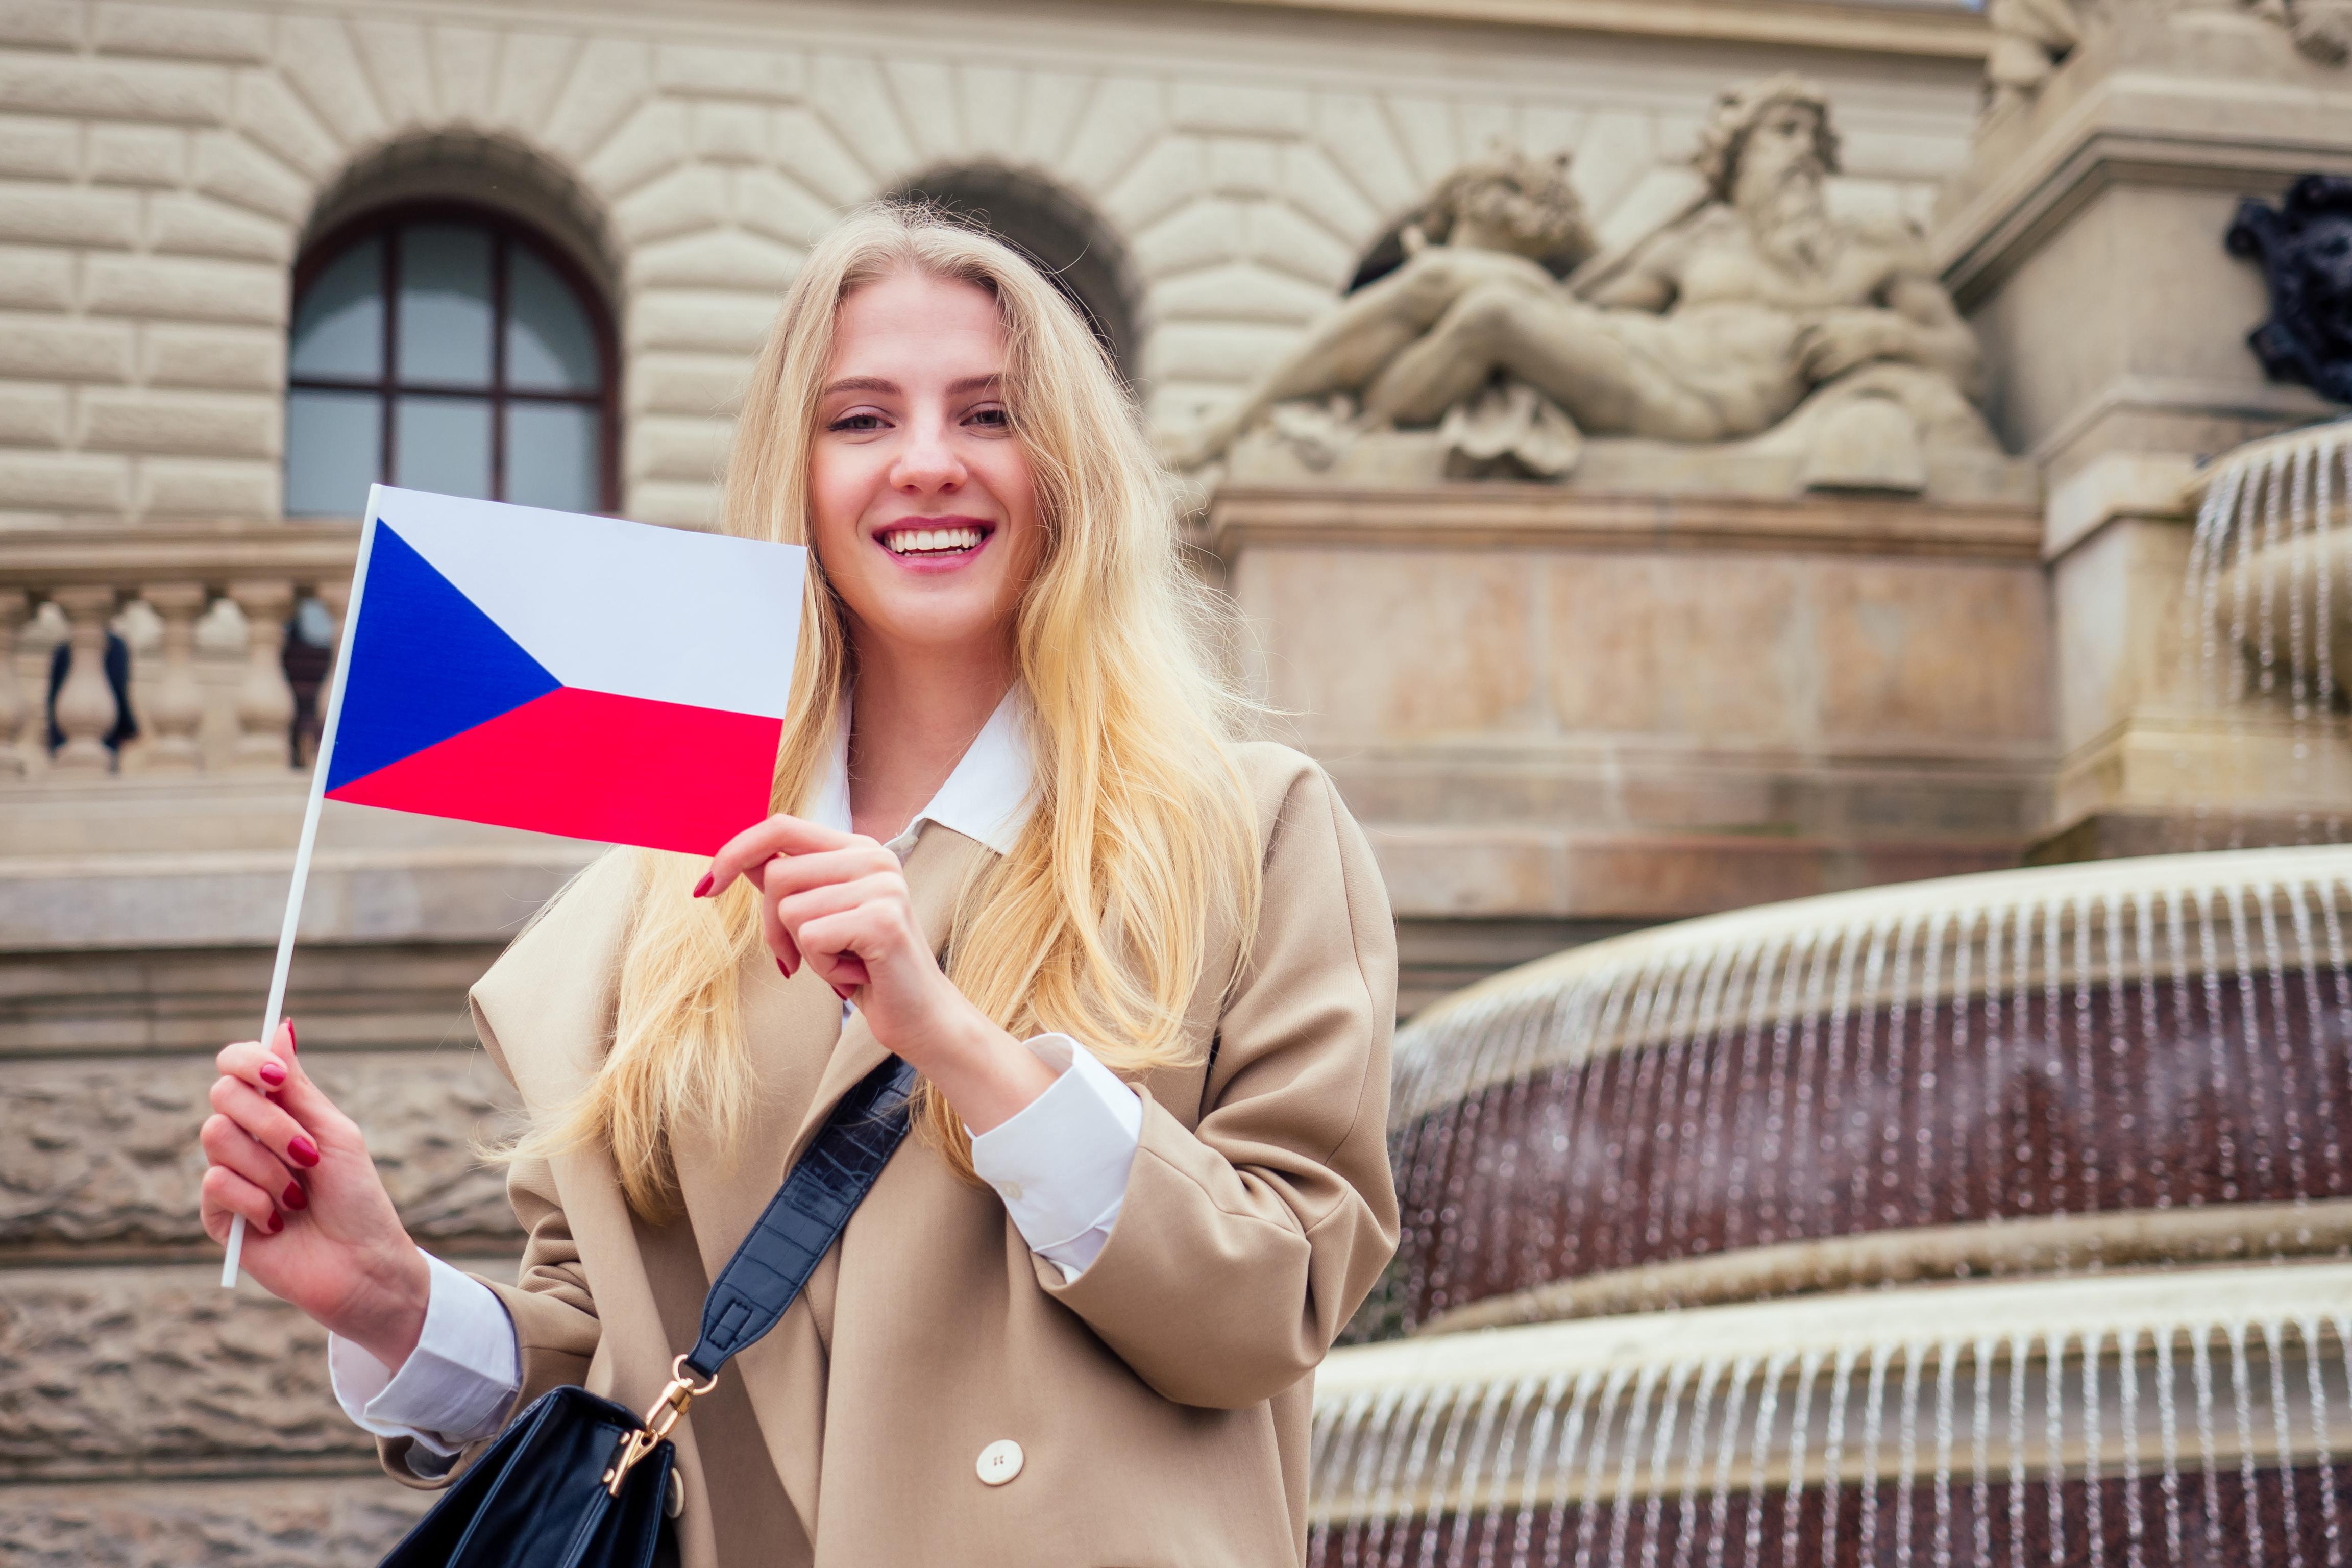 Девушка с флагом Чехии, где студенческую визу могут оформить иностранцы